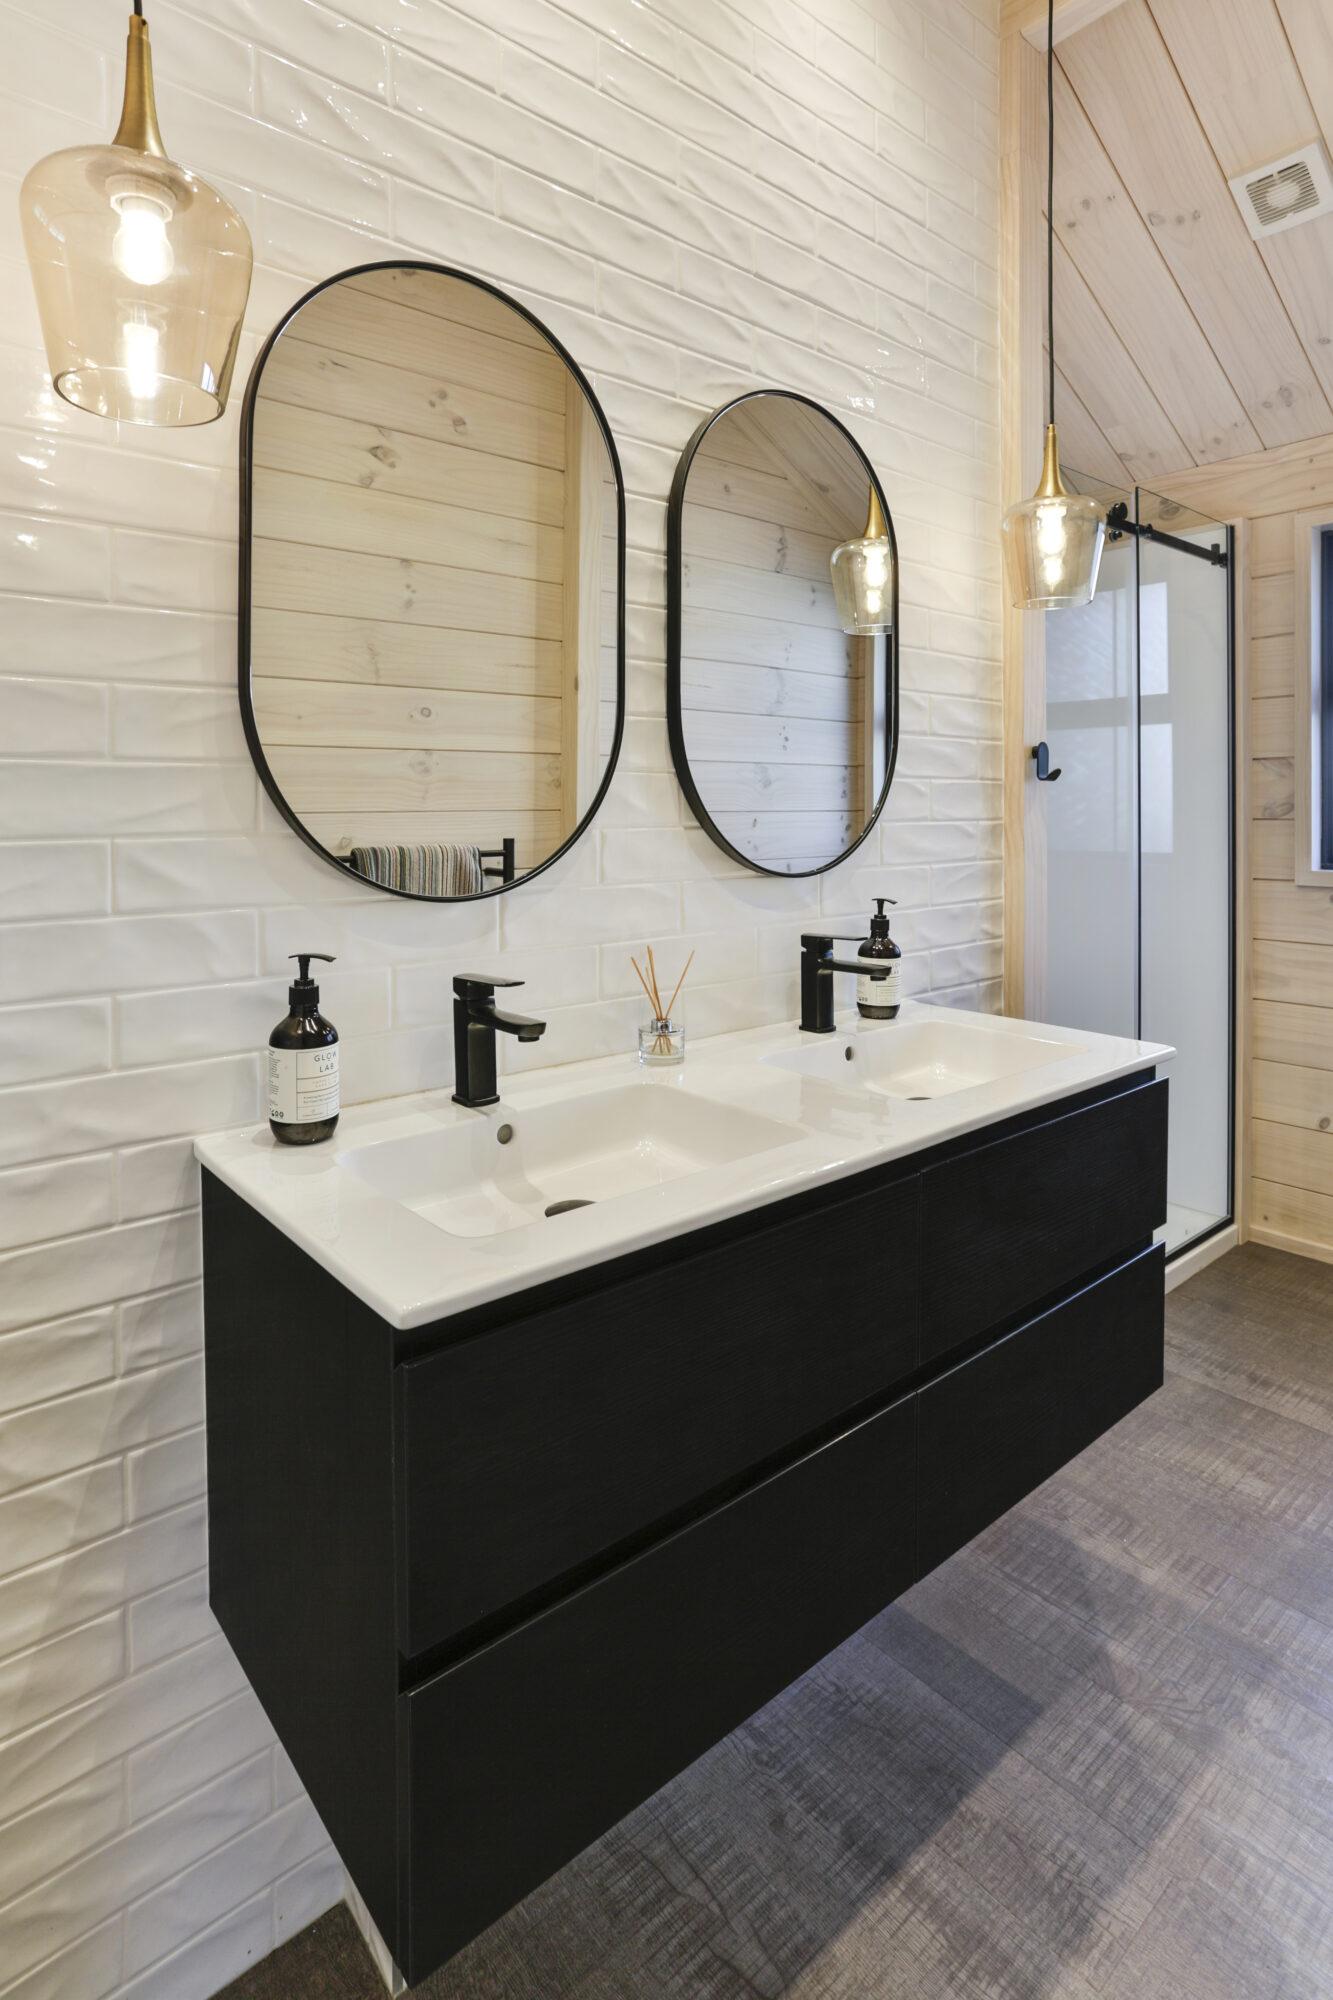 Simple Lockwood bathroom with black fittings